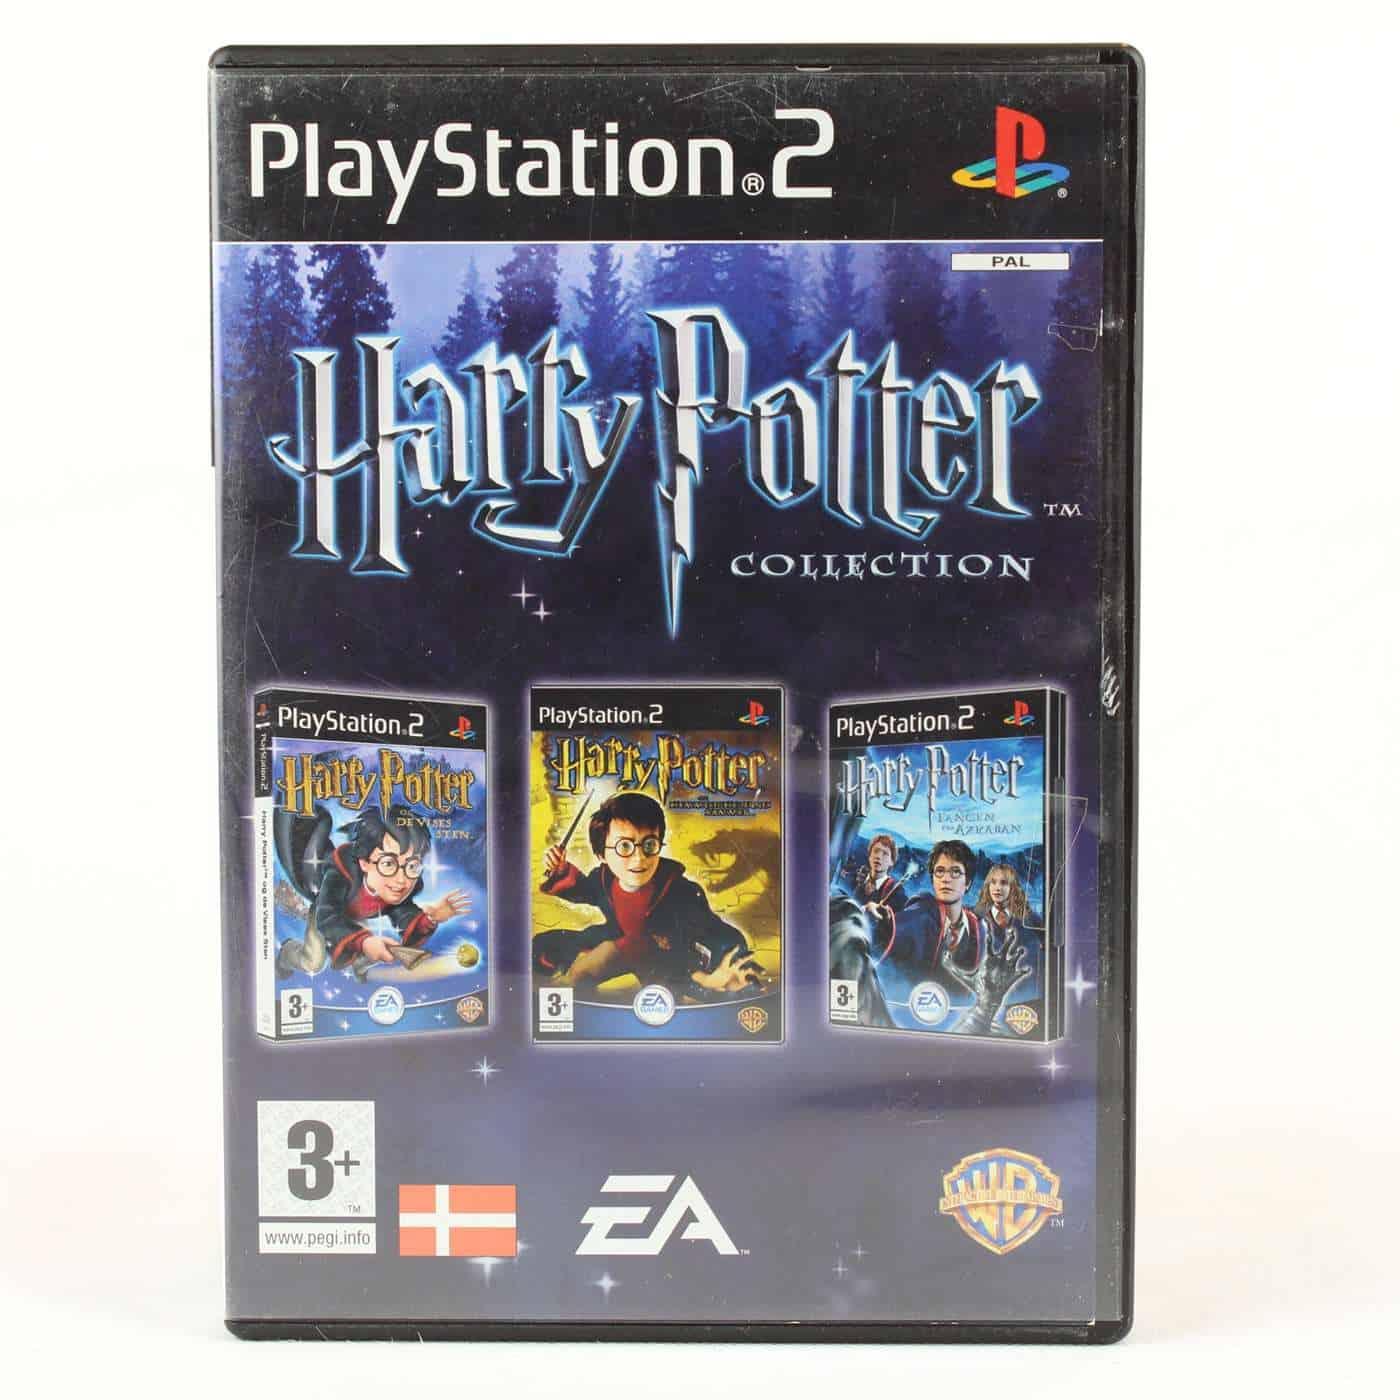 Harry Potter Collection (Playstation 2 - Dansk)